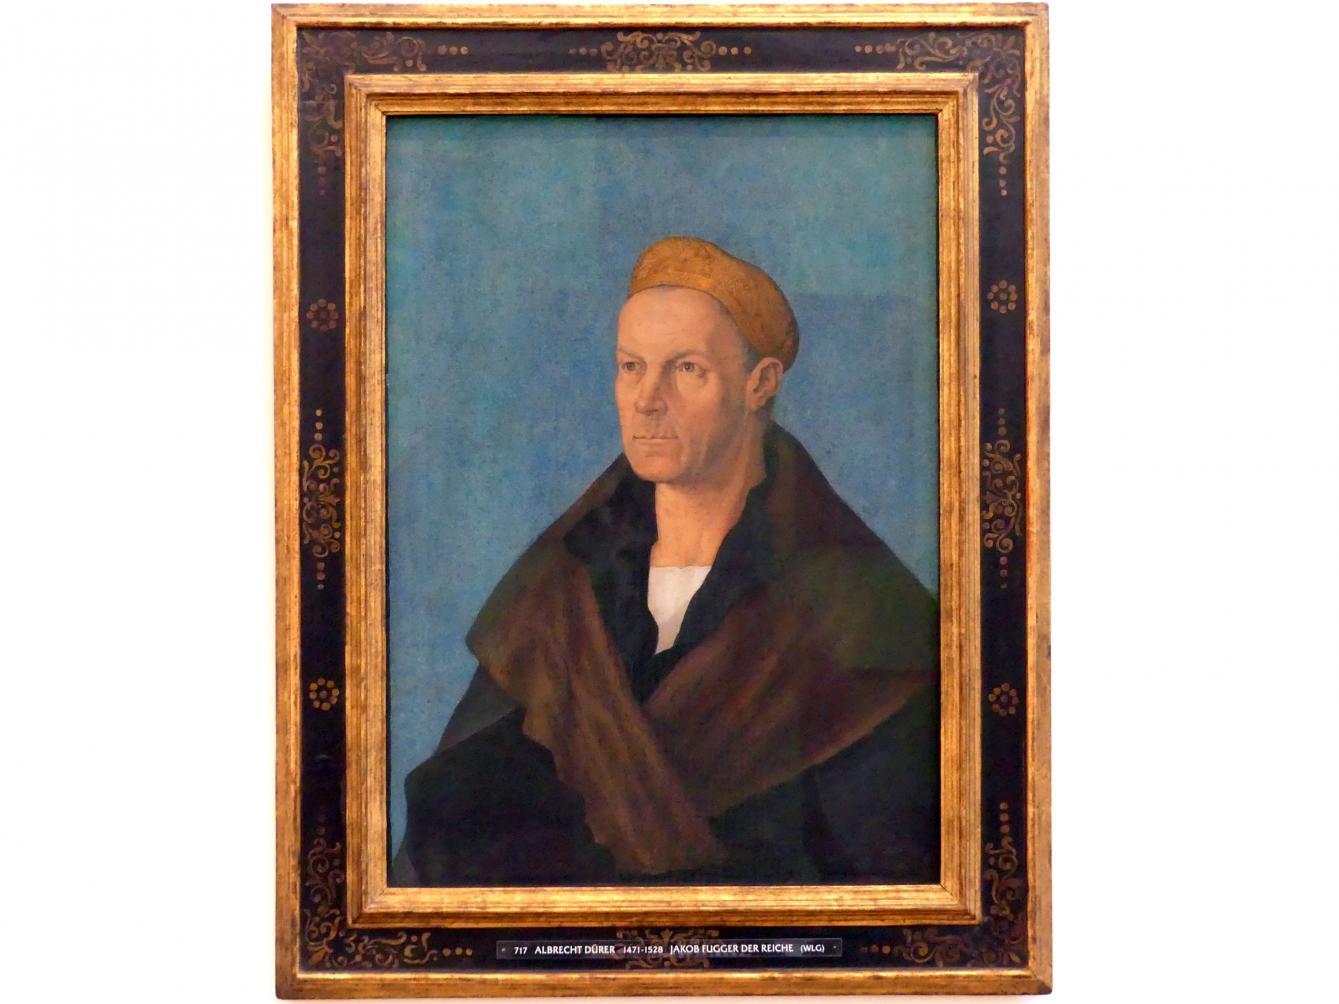 Albrecht Dürer: Jakob Fugger der Reiche, um 1520